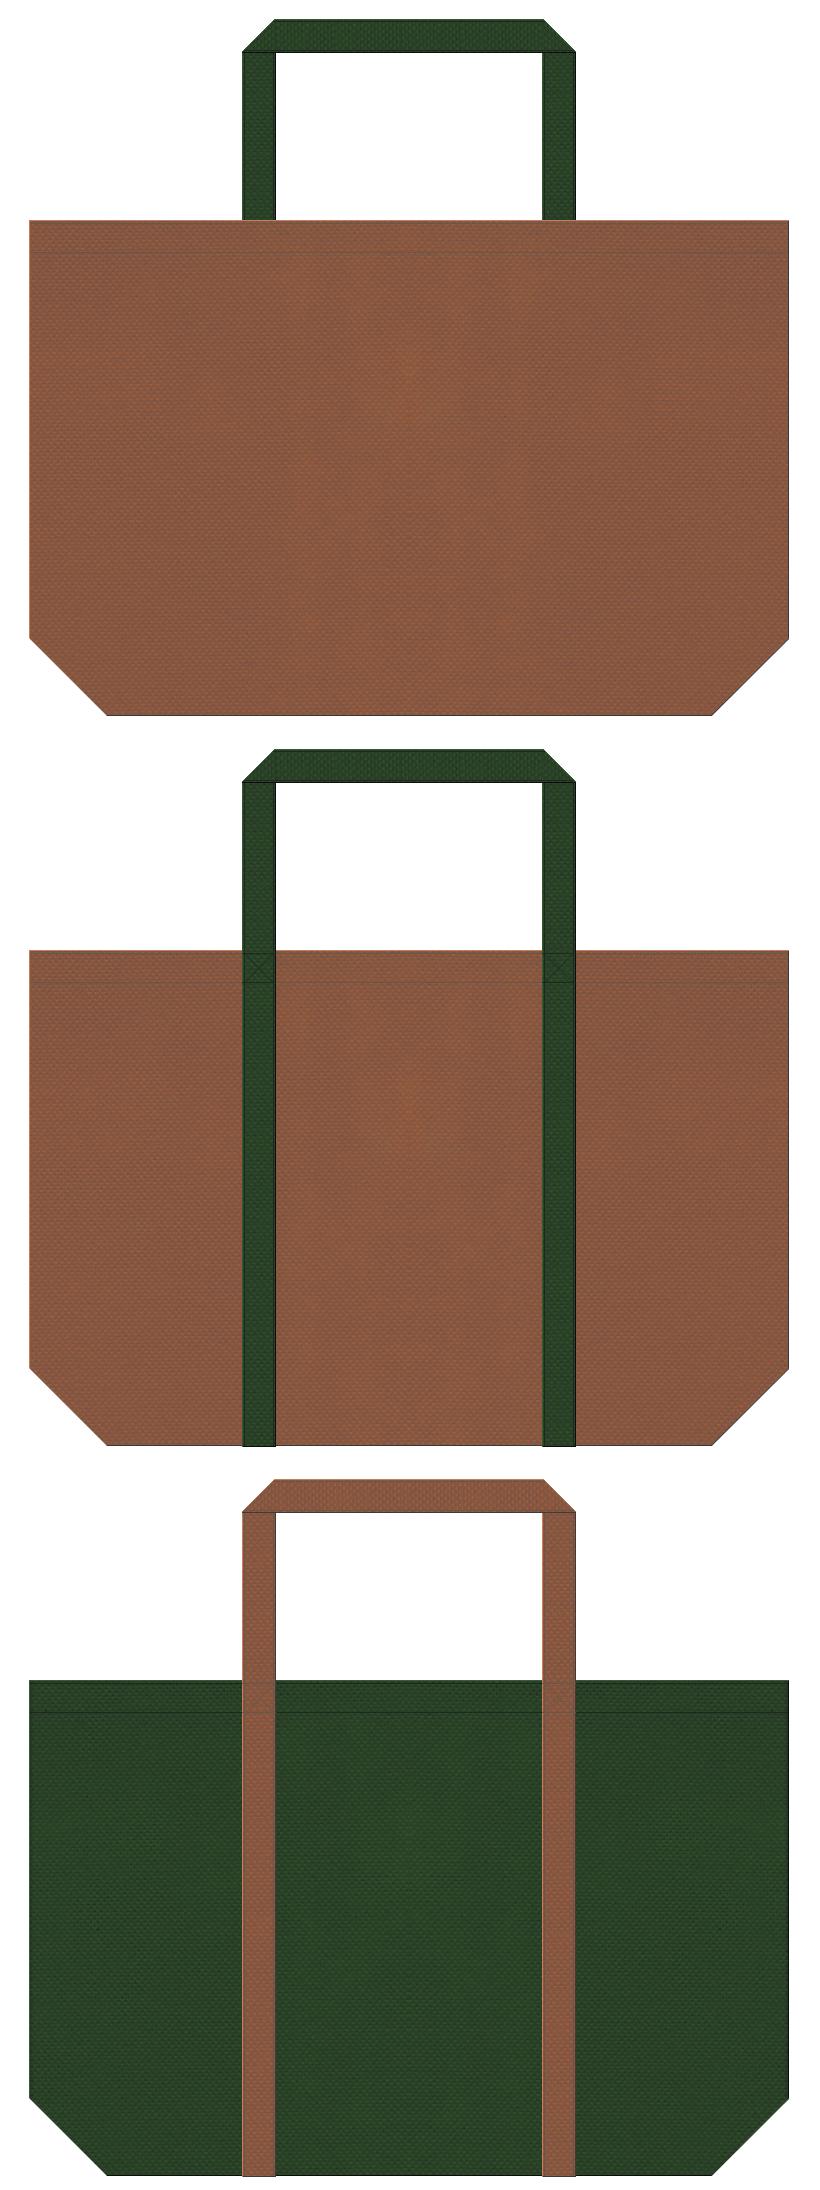 動物園・テーマーパーク・ゲーム・探検・ジャングル・アマゾン・恐竜・松の木・絵本・森・もみの木・クリスマス・キャンプ・アウトドア用品のショッピングバッグにお奨めの不織布バッグデザイン:茶色と濃緑色のコーデ